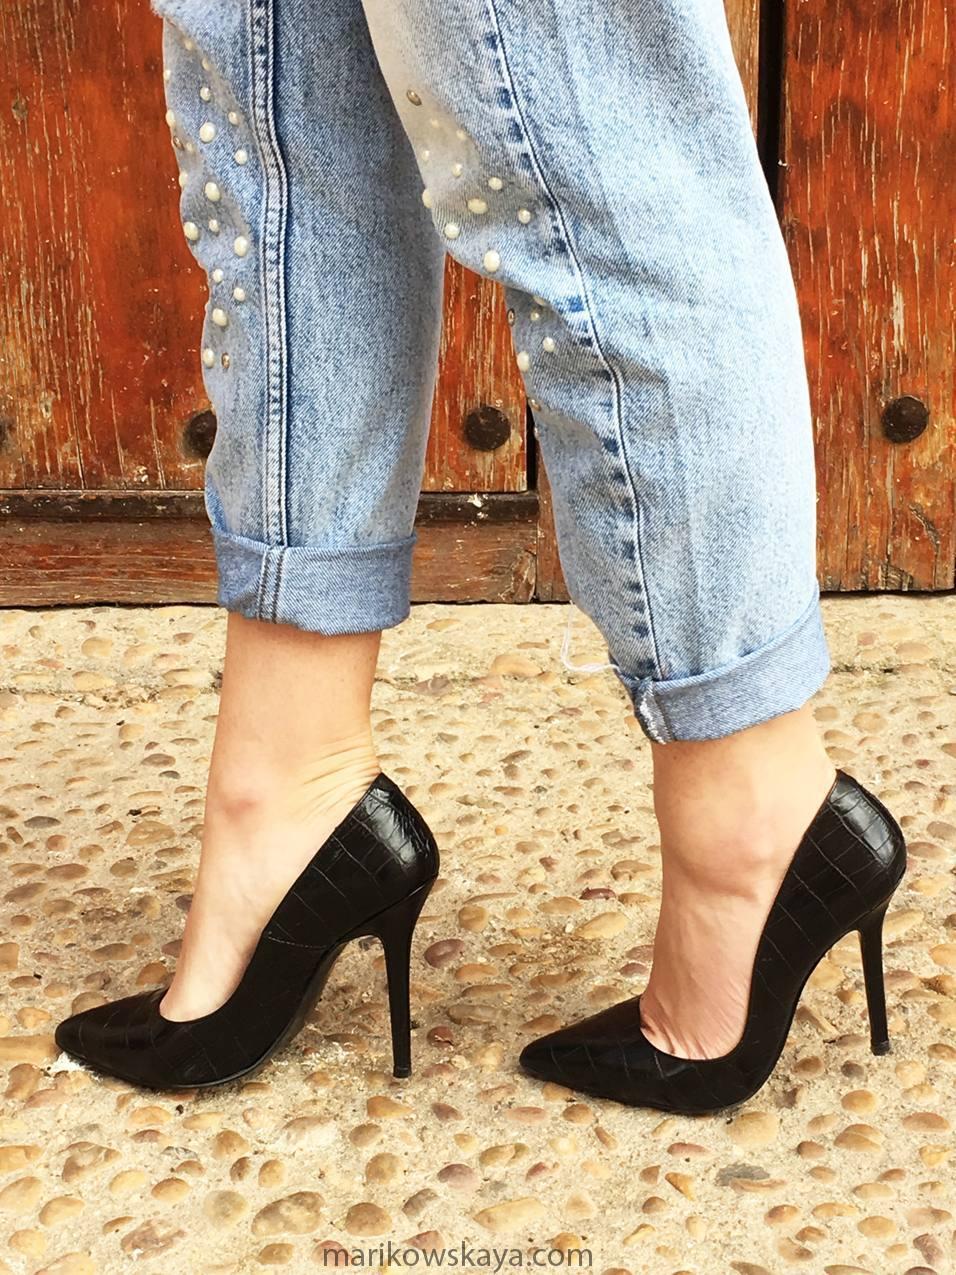 marikowskaya street style mom jeans (18)